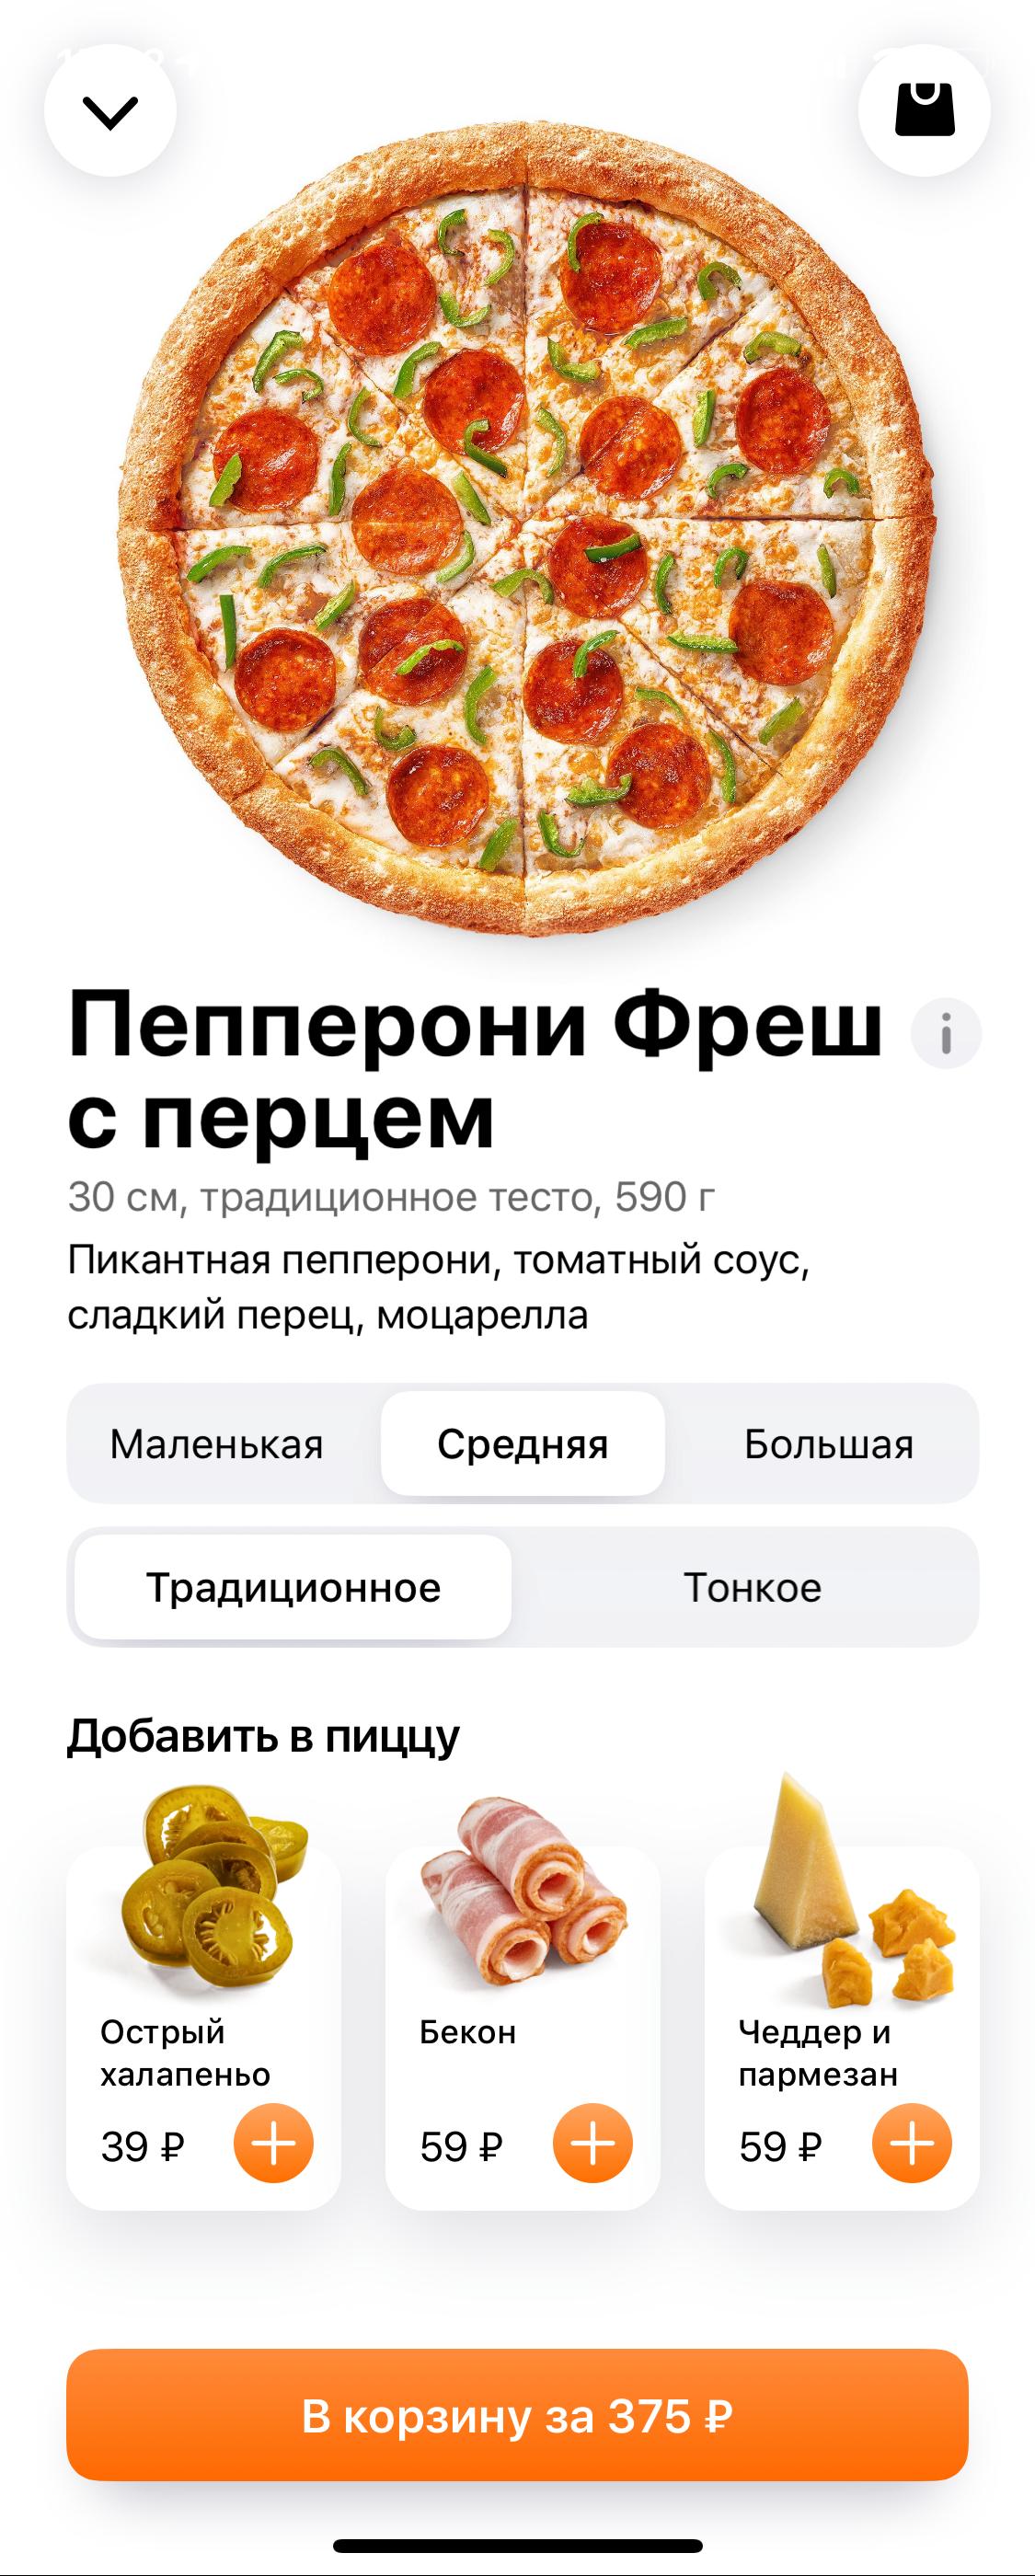 VoiceOver на iOS: решение типовых проблем - 2